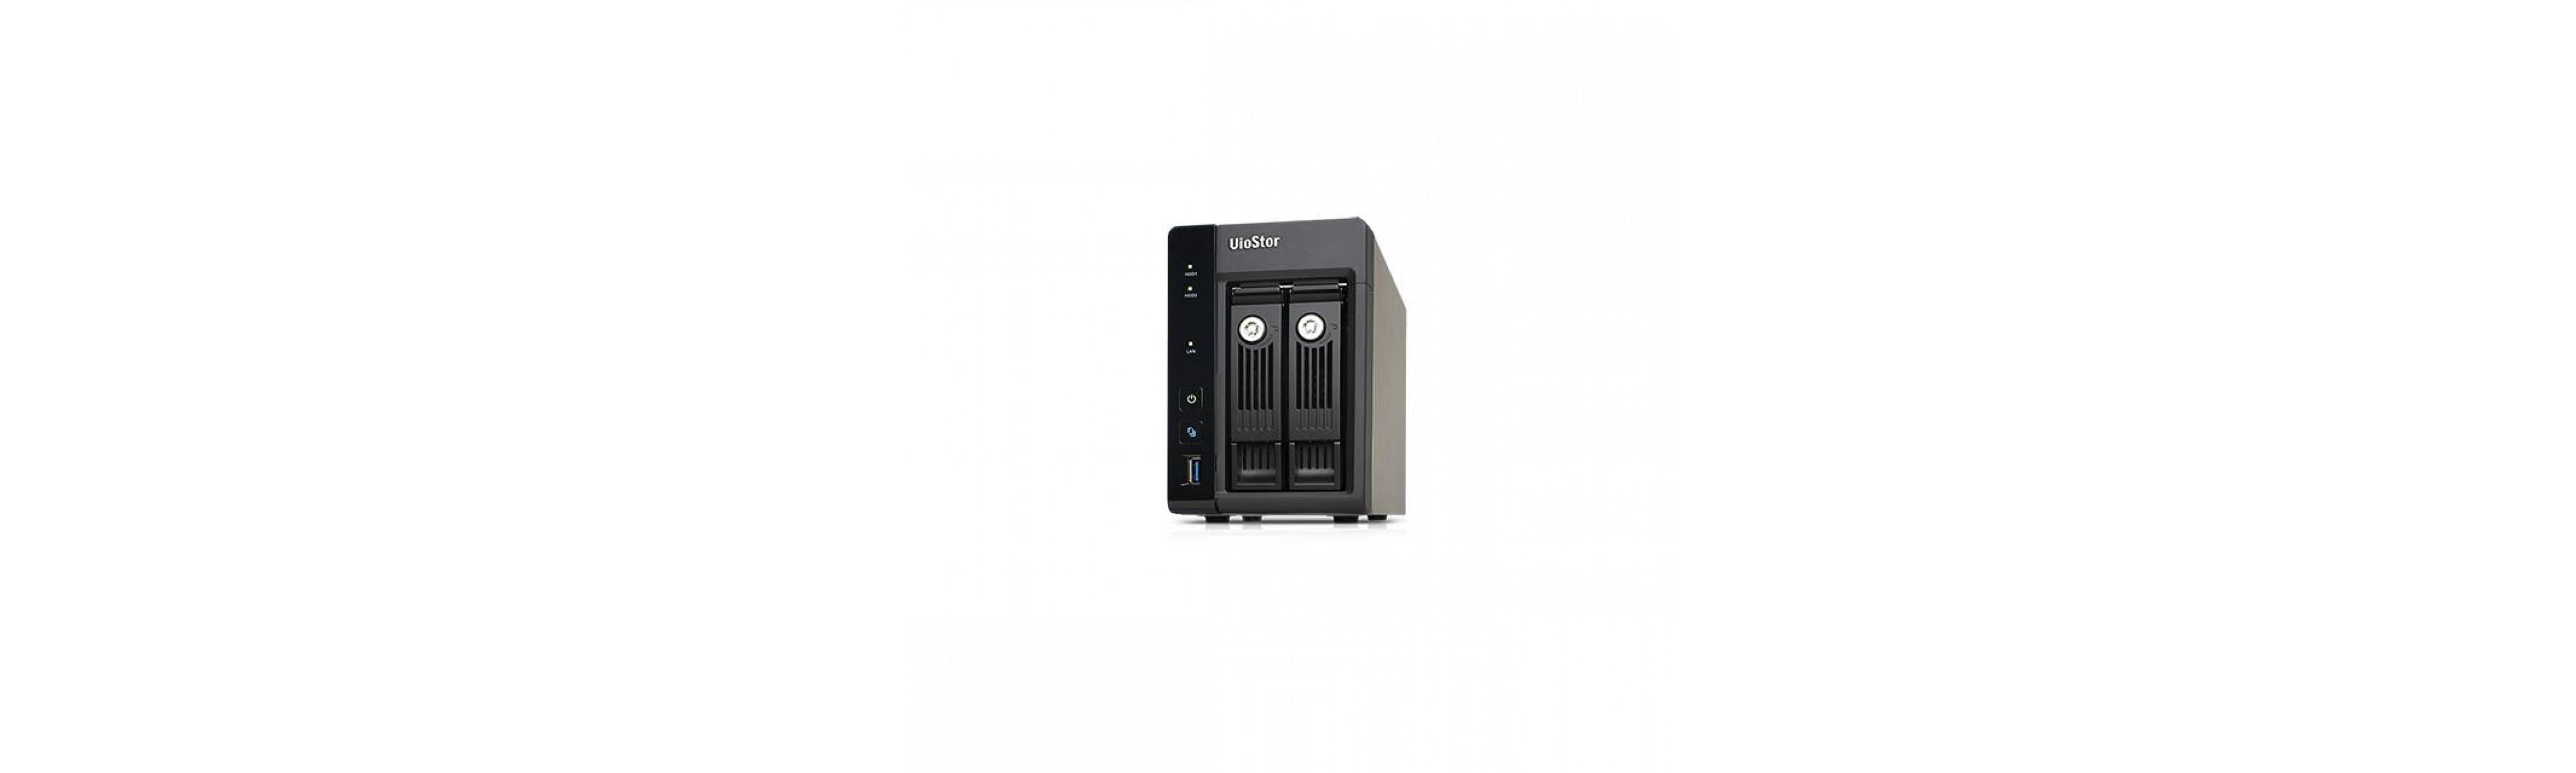 Cloud Monitor QNAP VS-2204-PRO -US Intel Quad-Core 2 0GHz 2